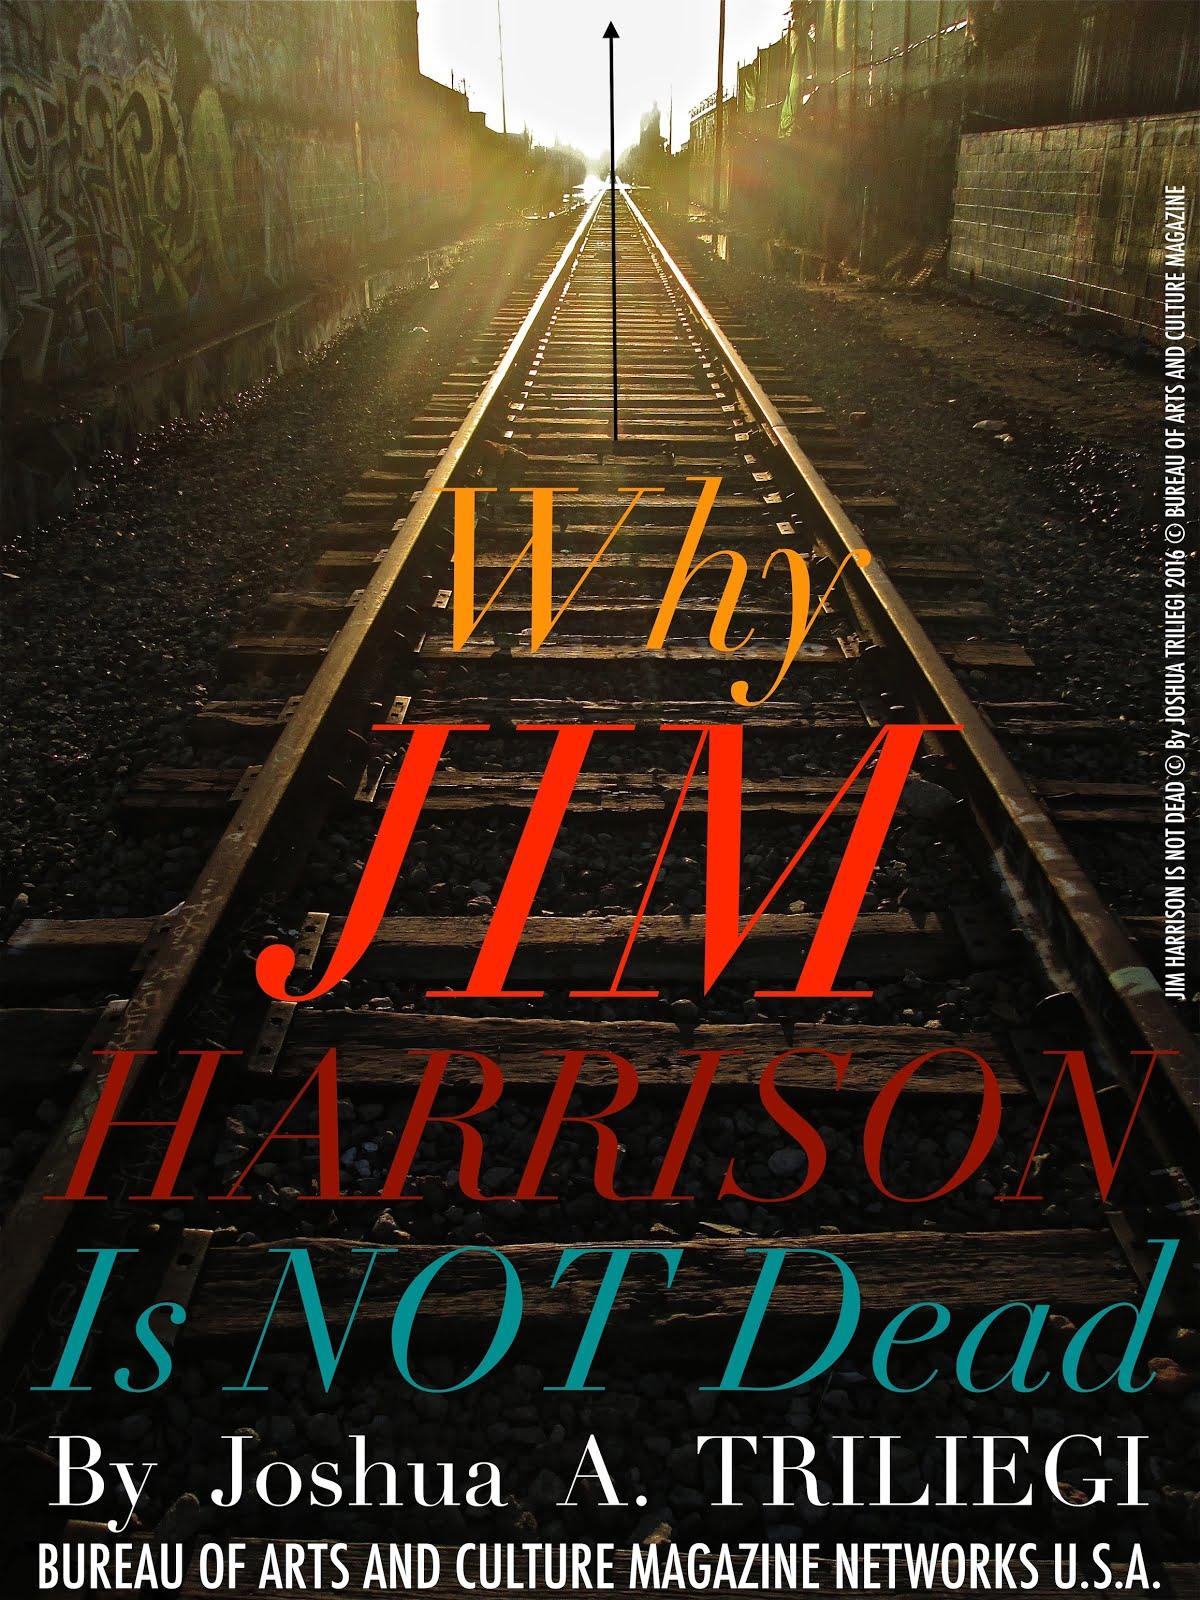 JIM HARRISON is NOT DEAD